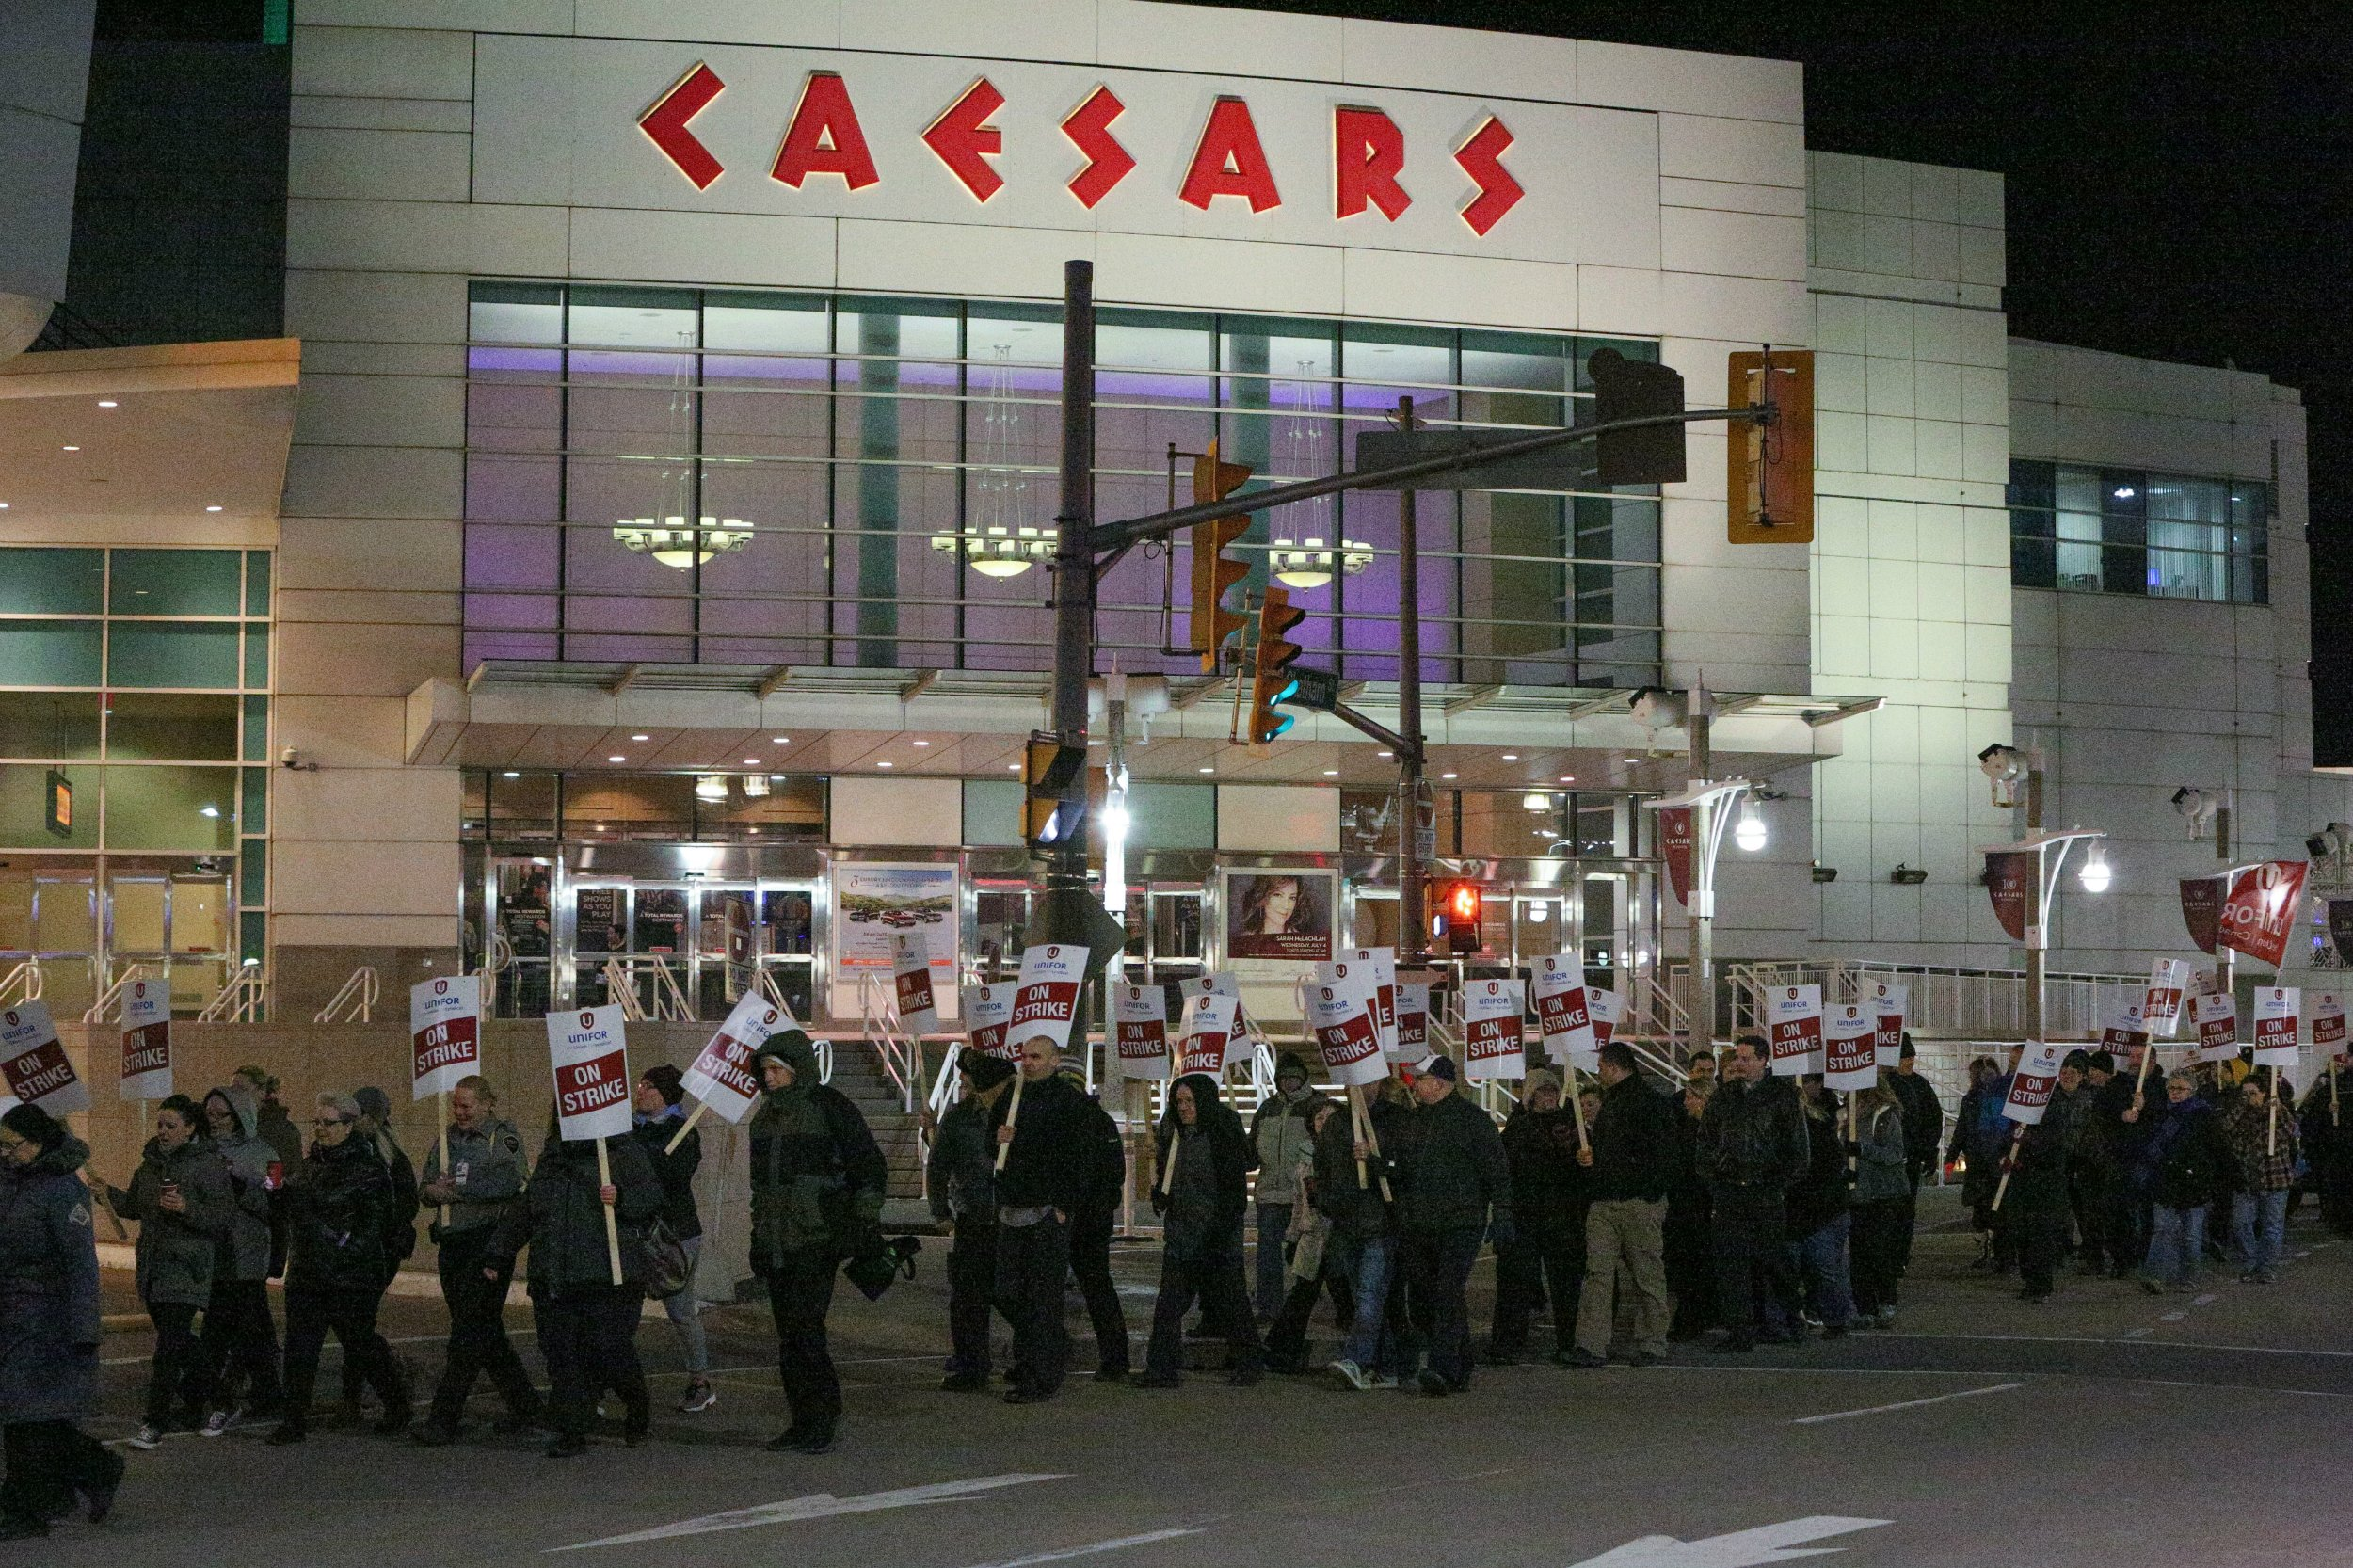 windsor casino strike news